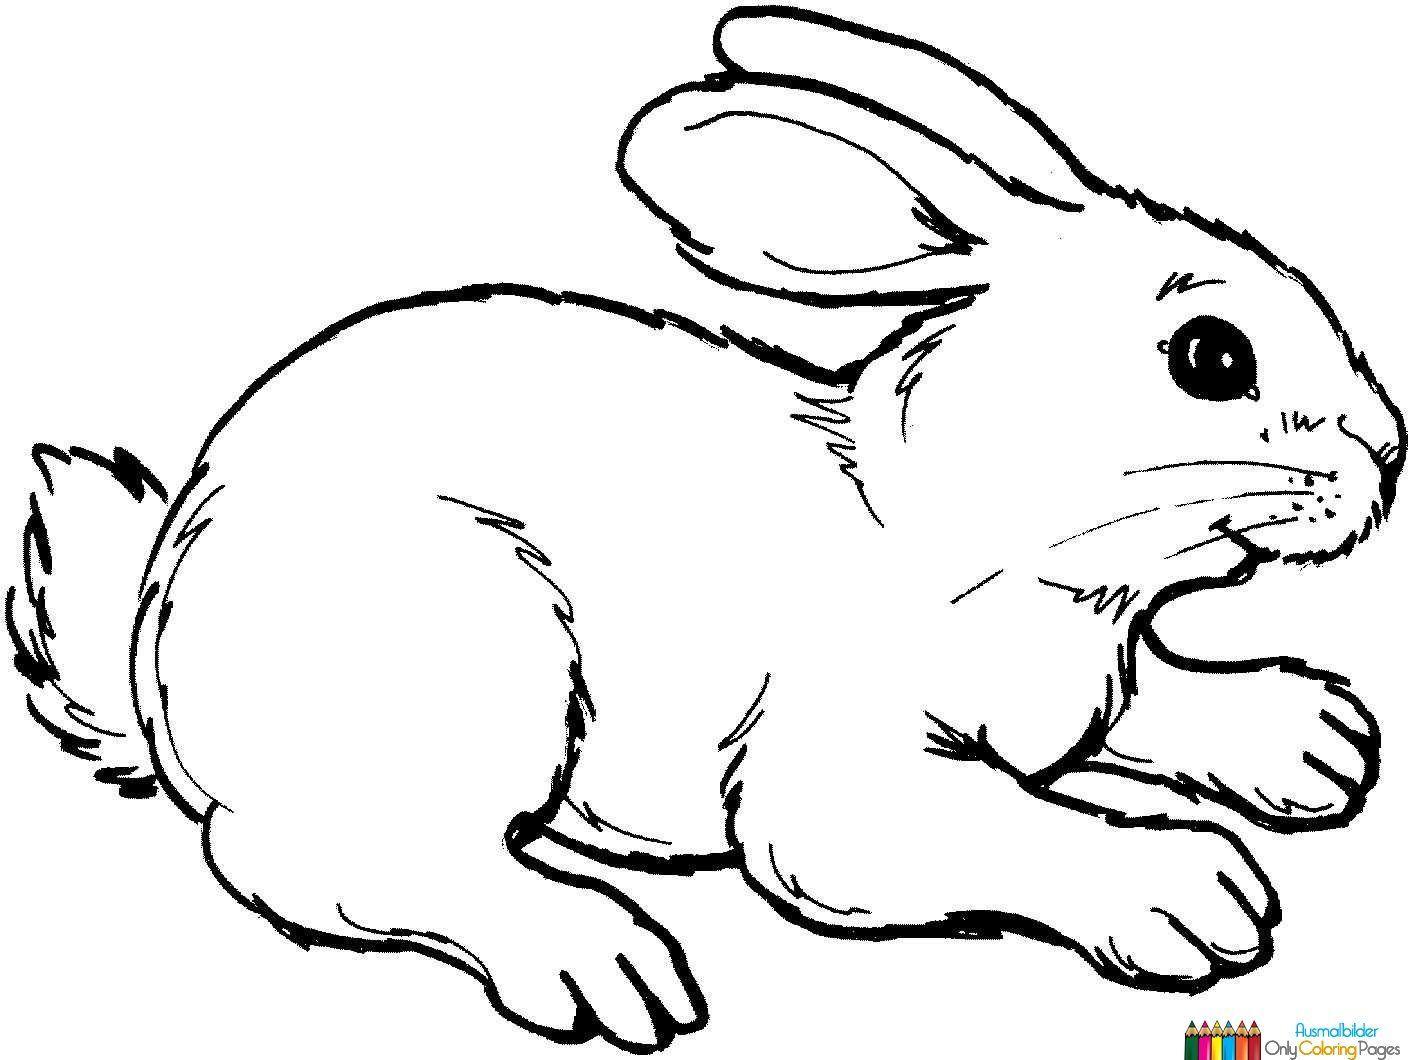 Ausmalbilder Kostenlos Ausdrucken Kaninchen Ausmalbild Hase Malvorlagen Tiere Tiervorlagen